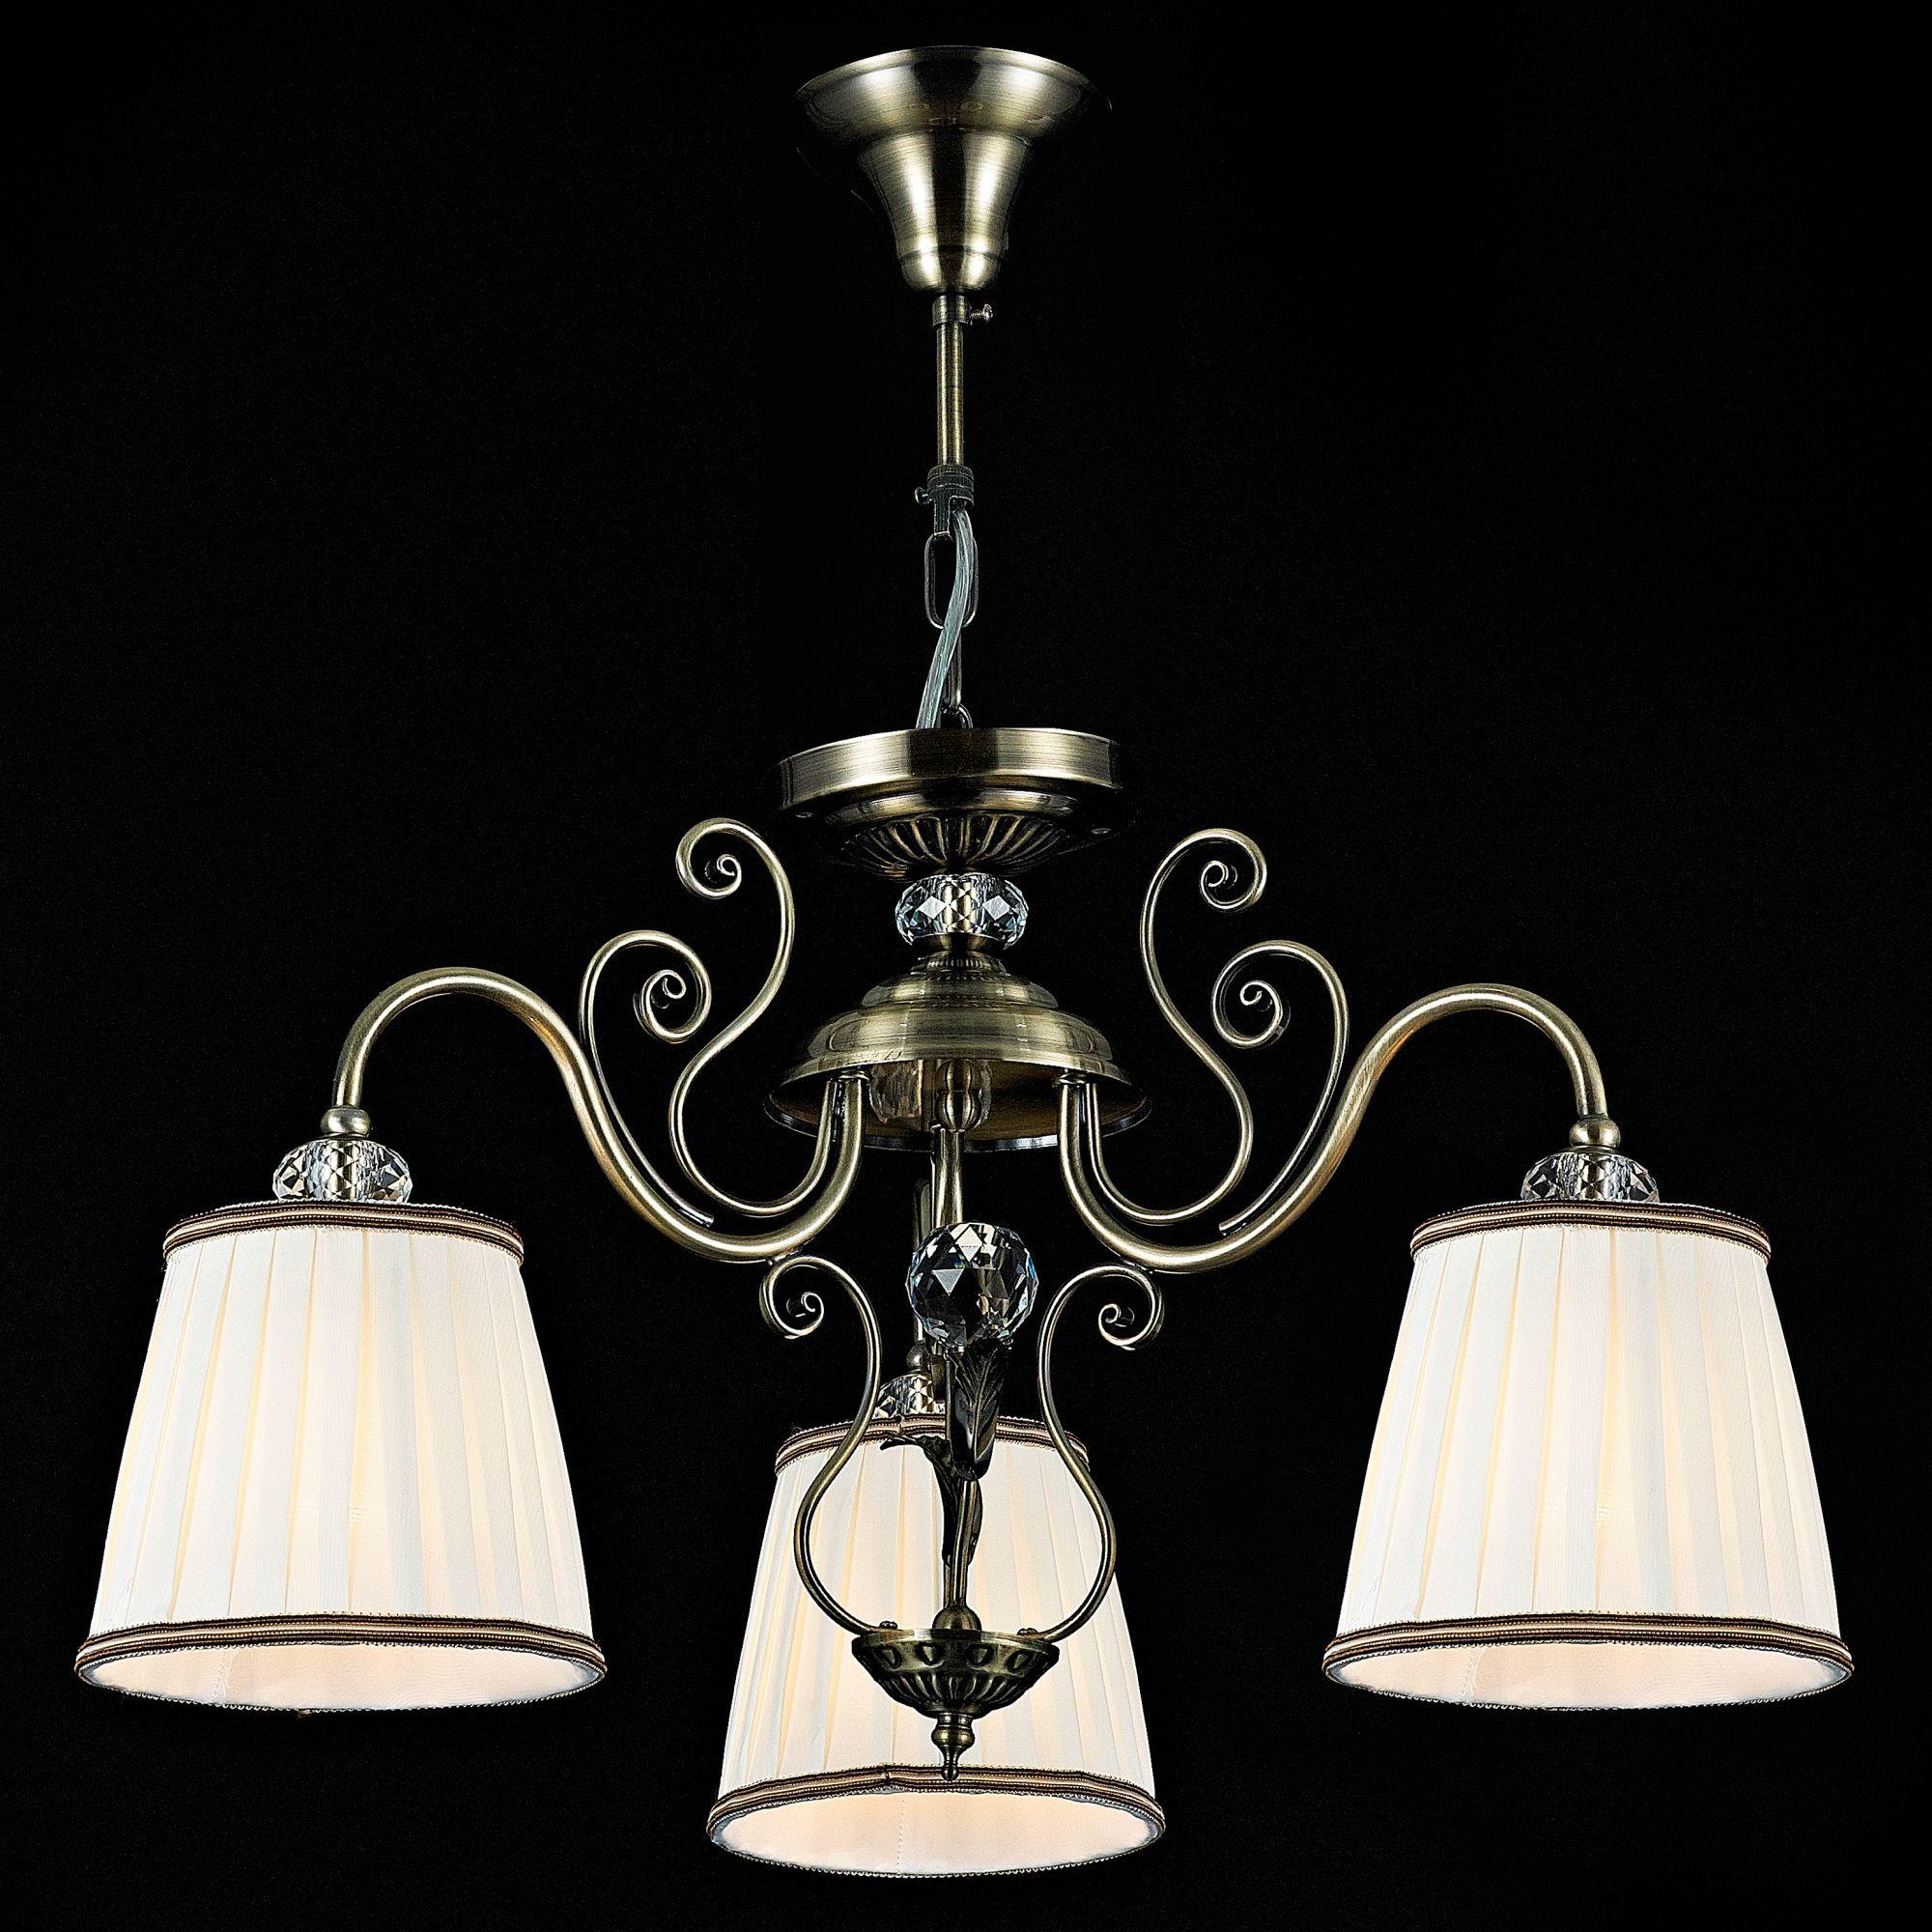 Потолочно-подвесная люстра Maytoni Vintage ARM420-03-R, 3xE14x40W, бронза, белый, металл, текстиль - фото 3